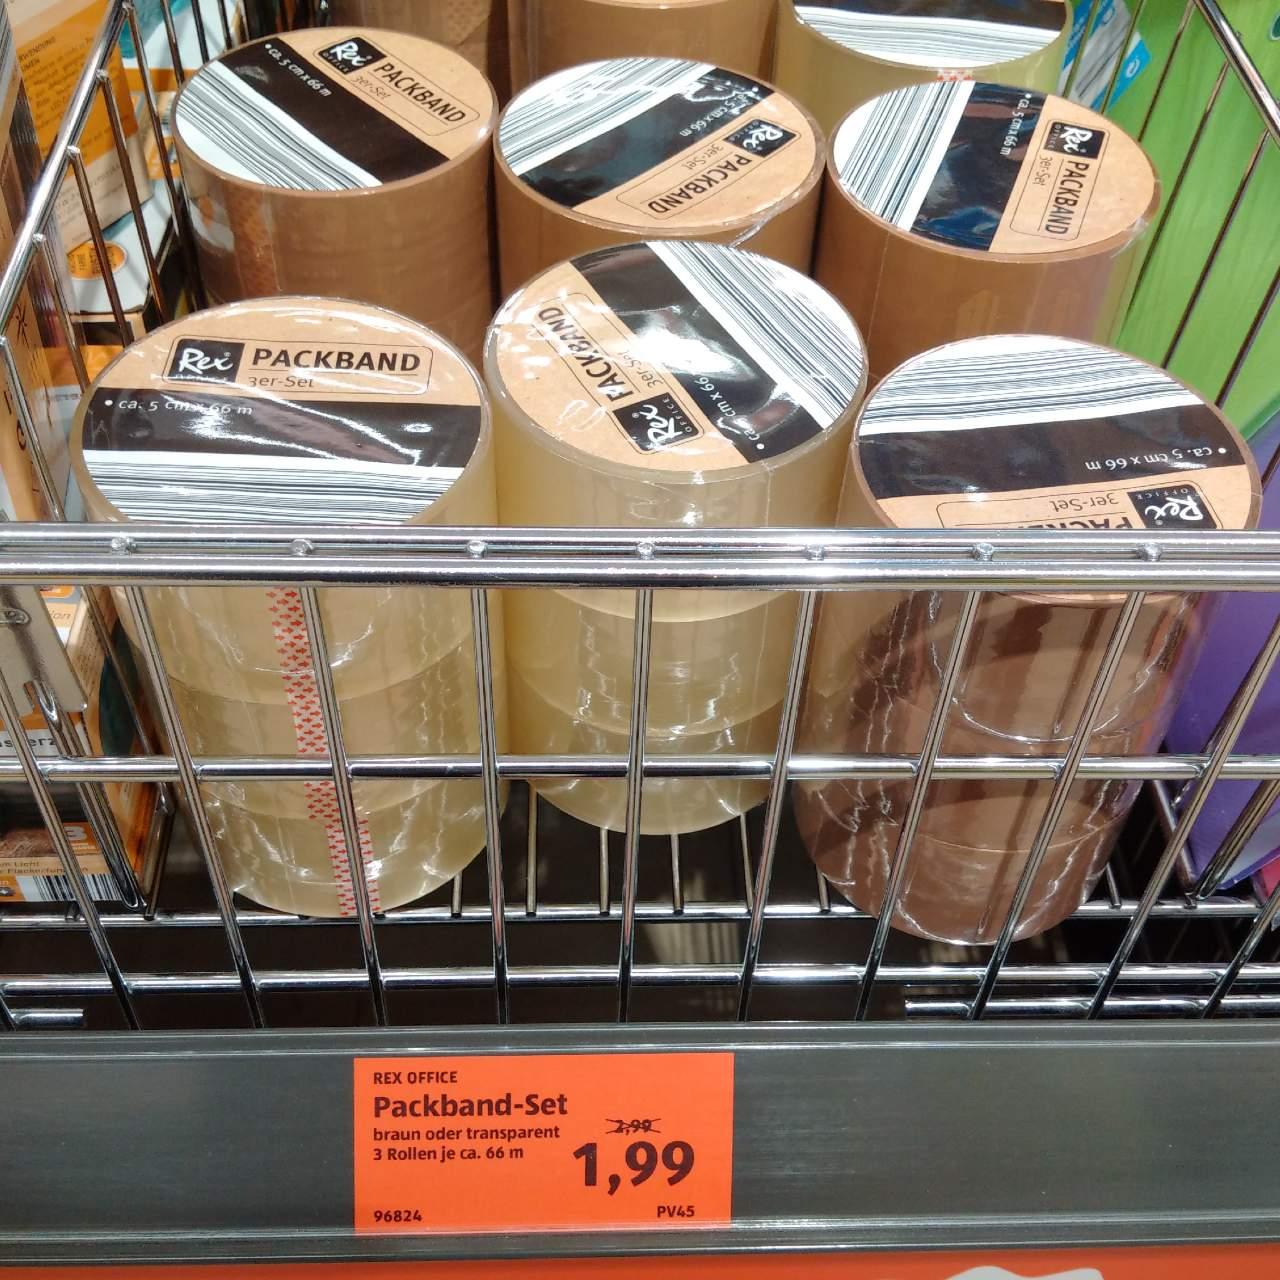 REX Office Packband Set - jetzt 33% billiger